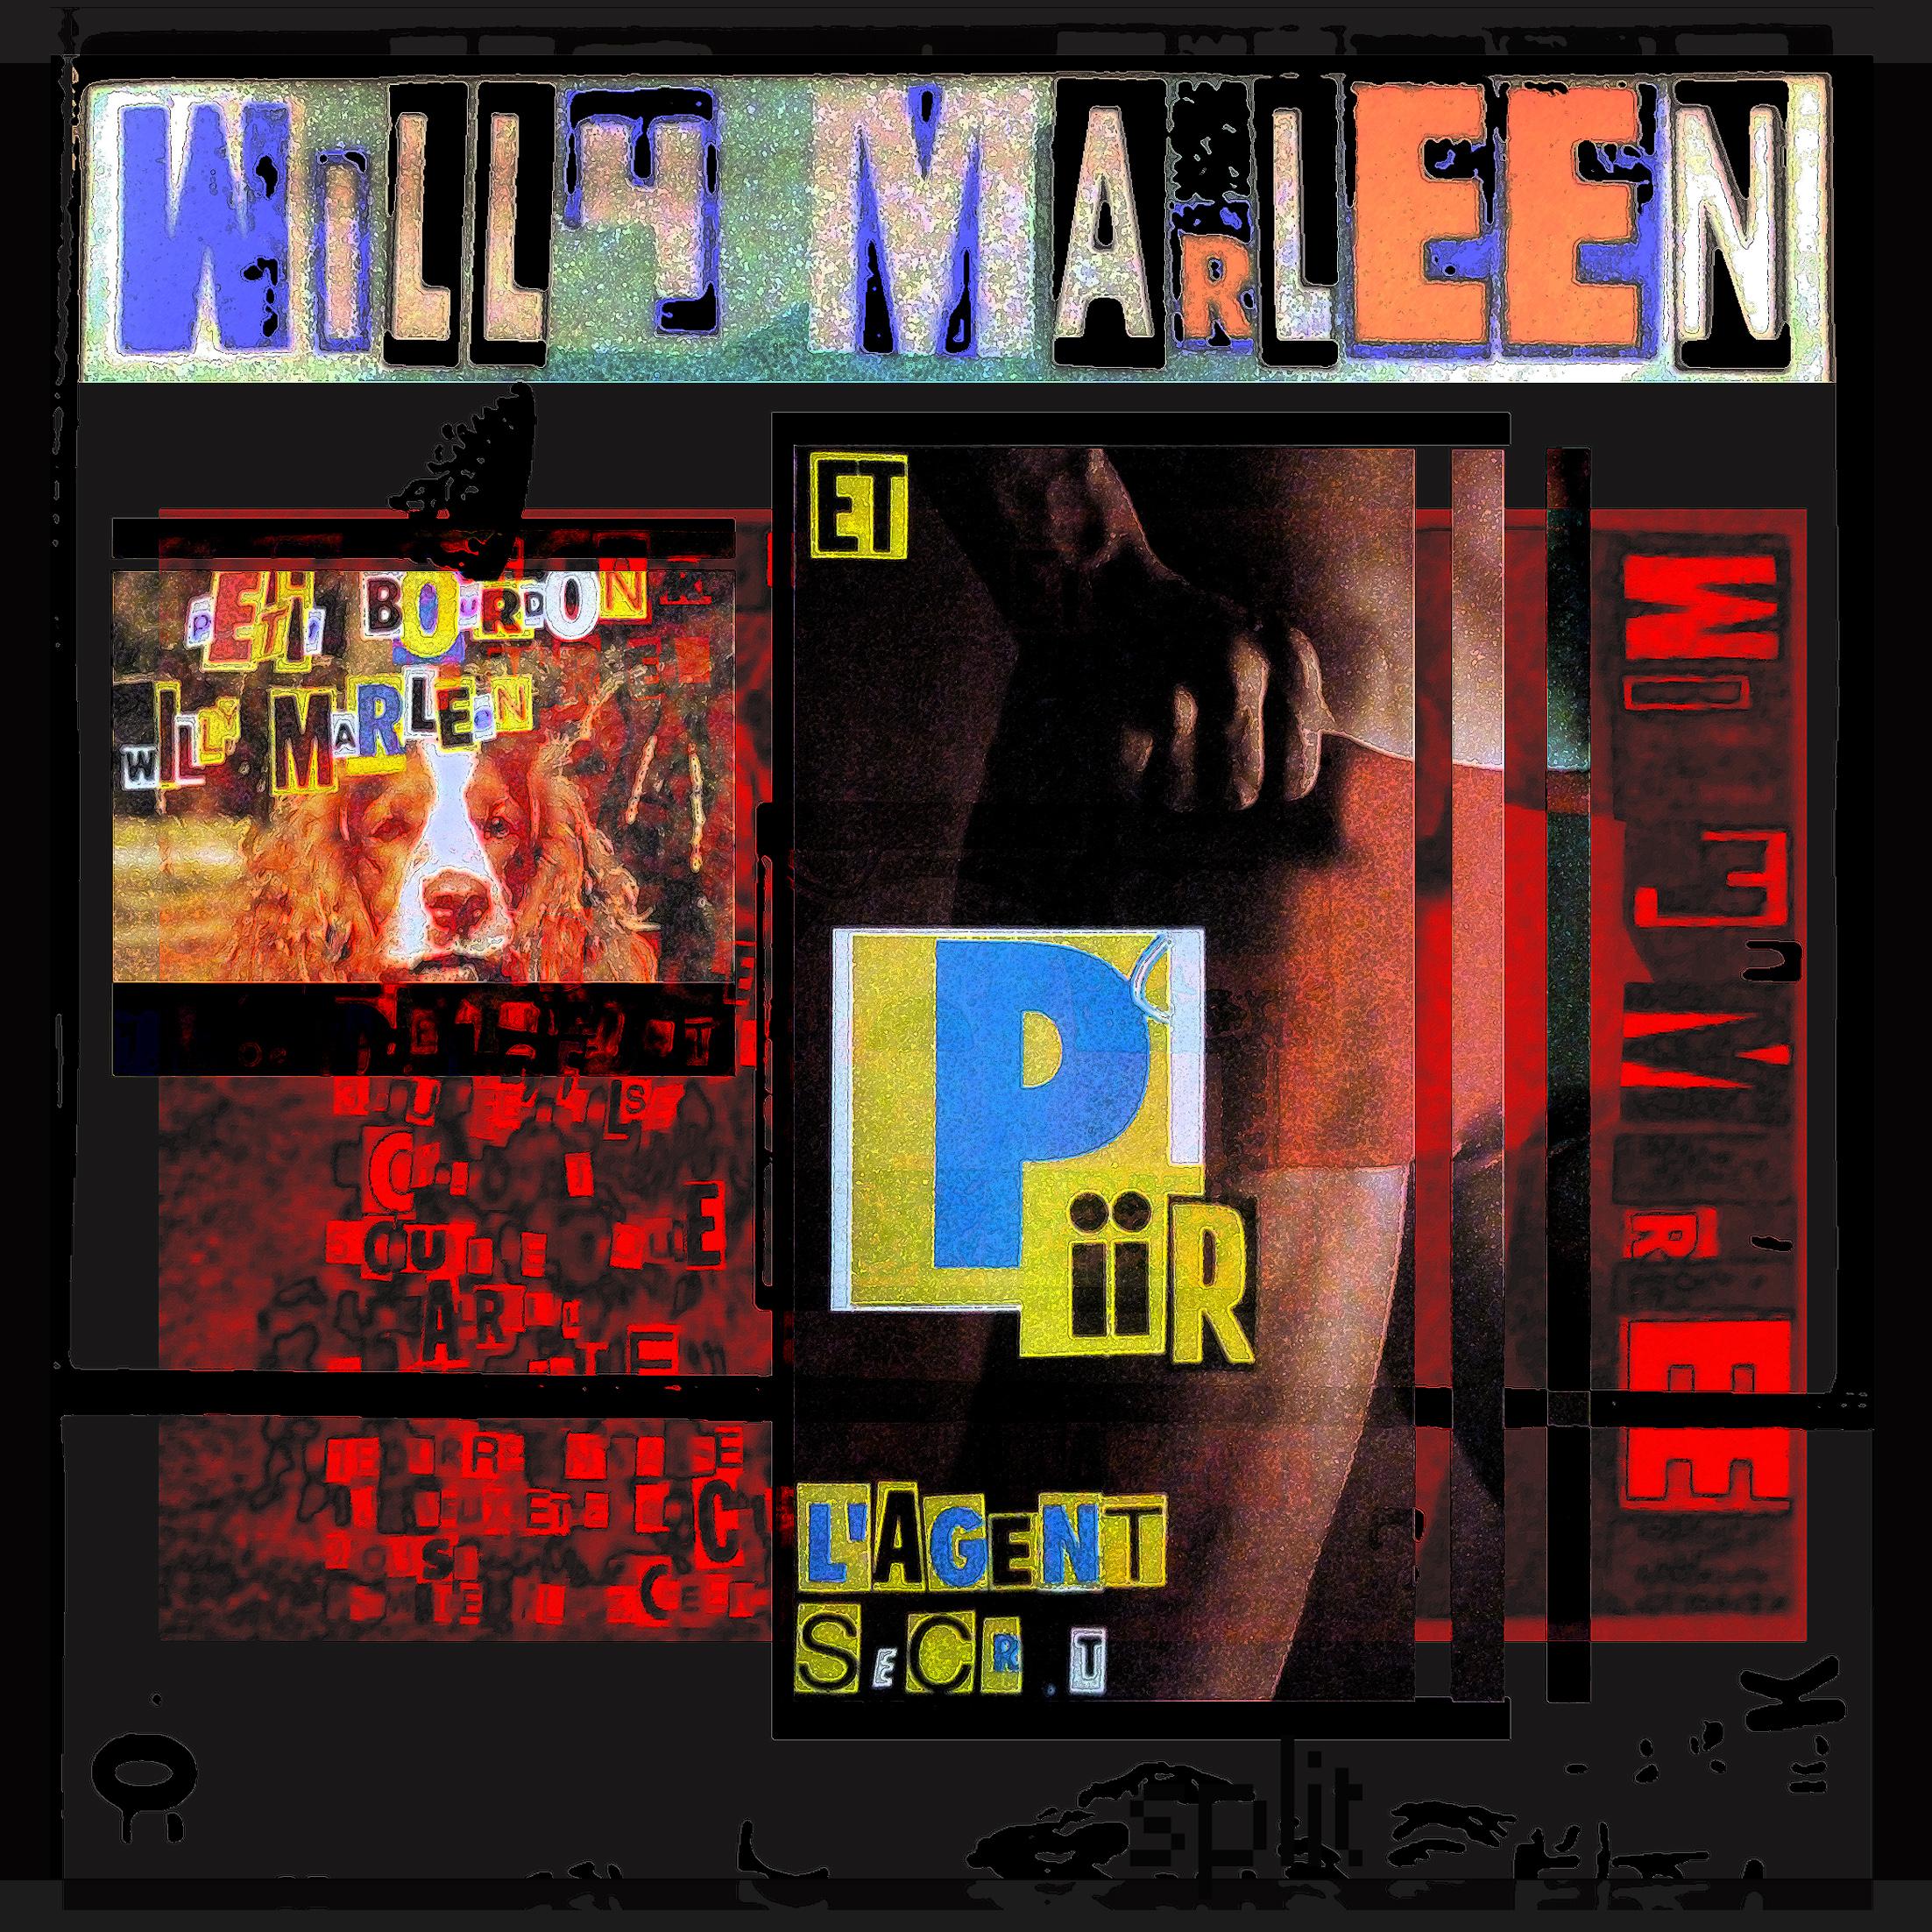 Petit Bourdon X PYR X Willy Marleen – K7 Split Petit Bourdon X PYR X Willy Marleen